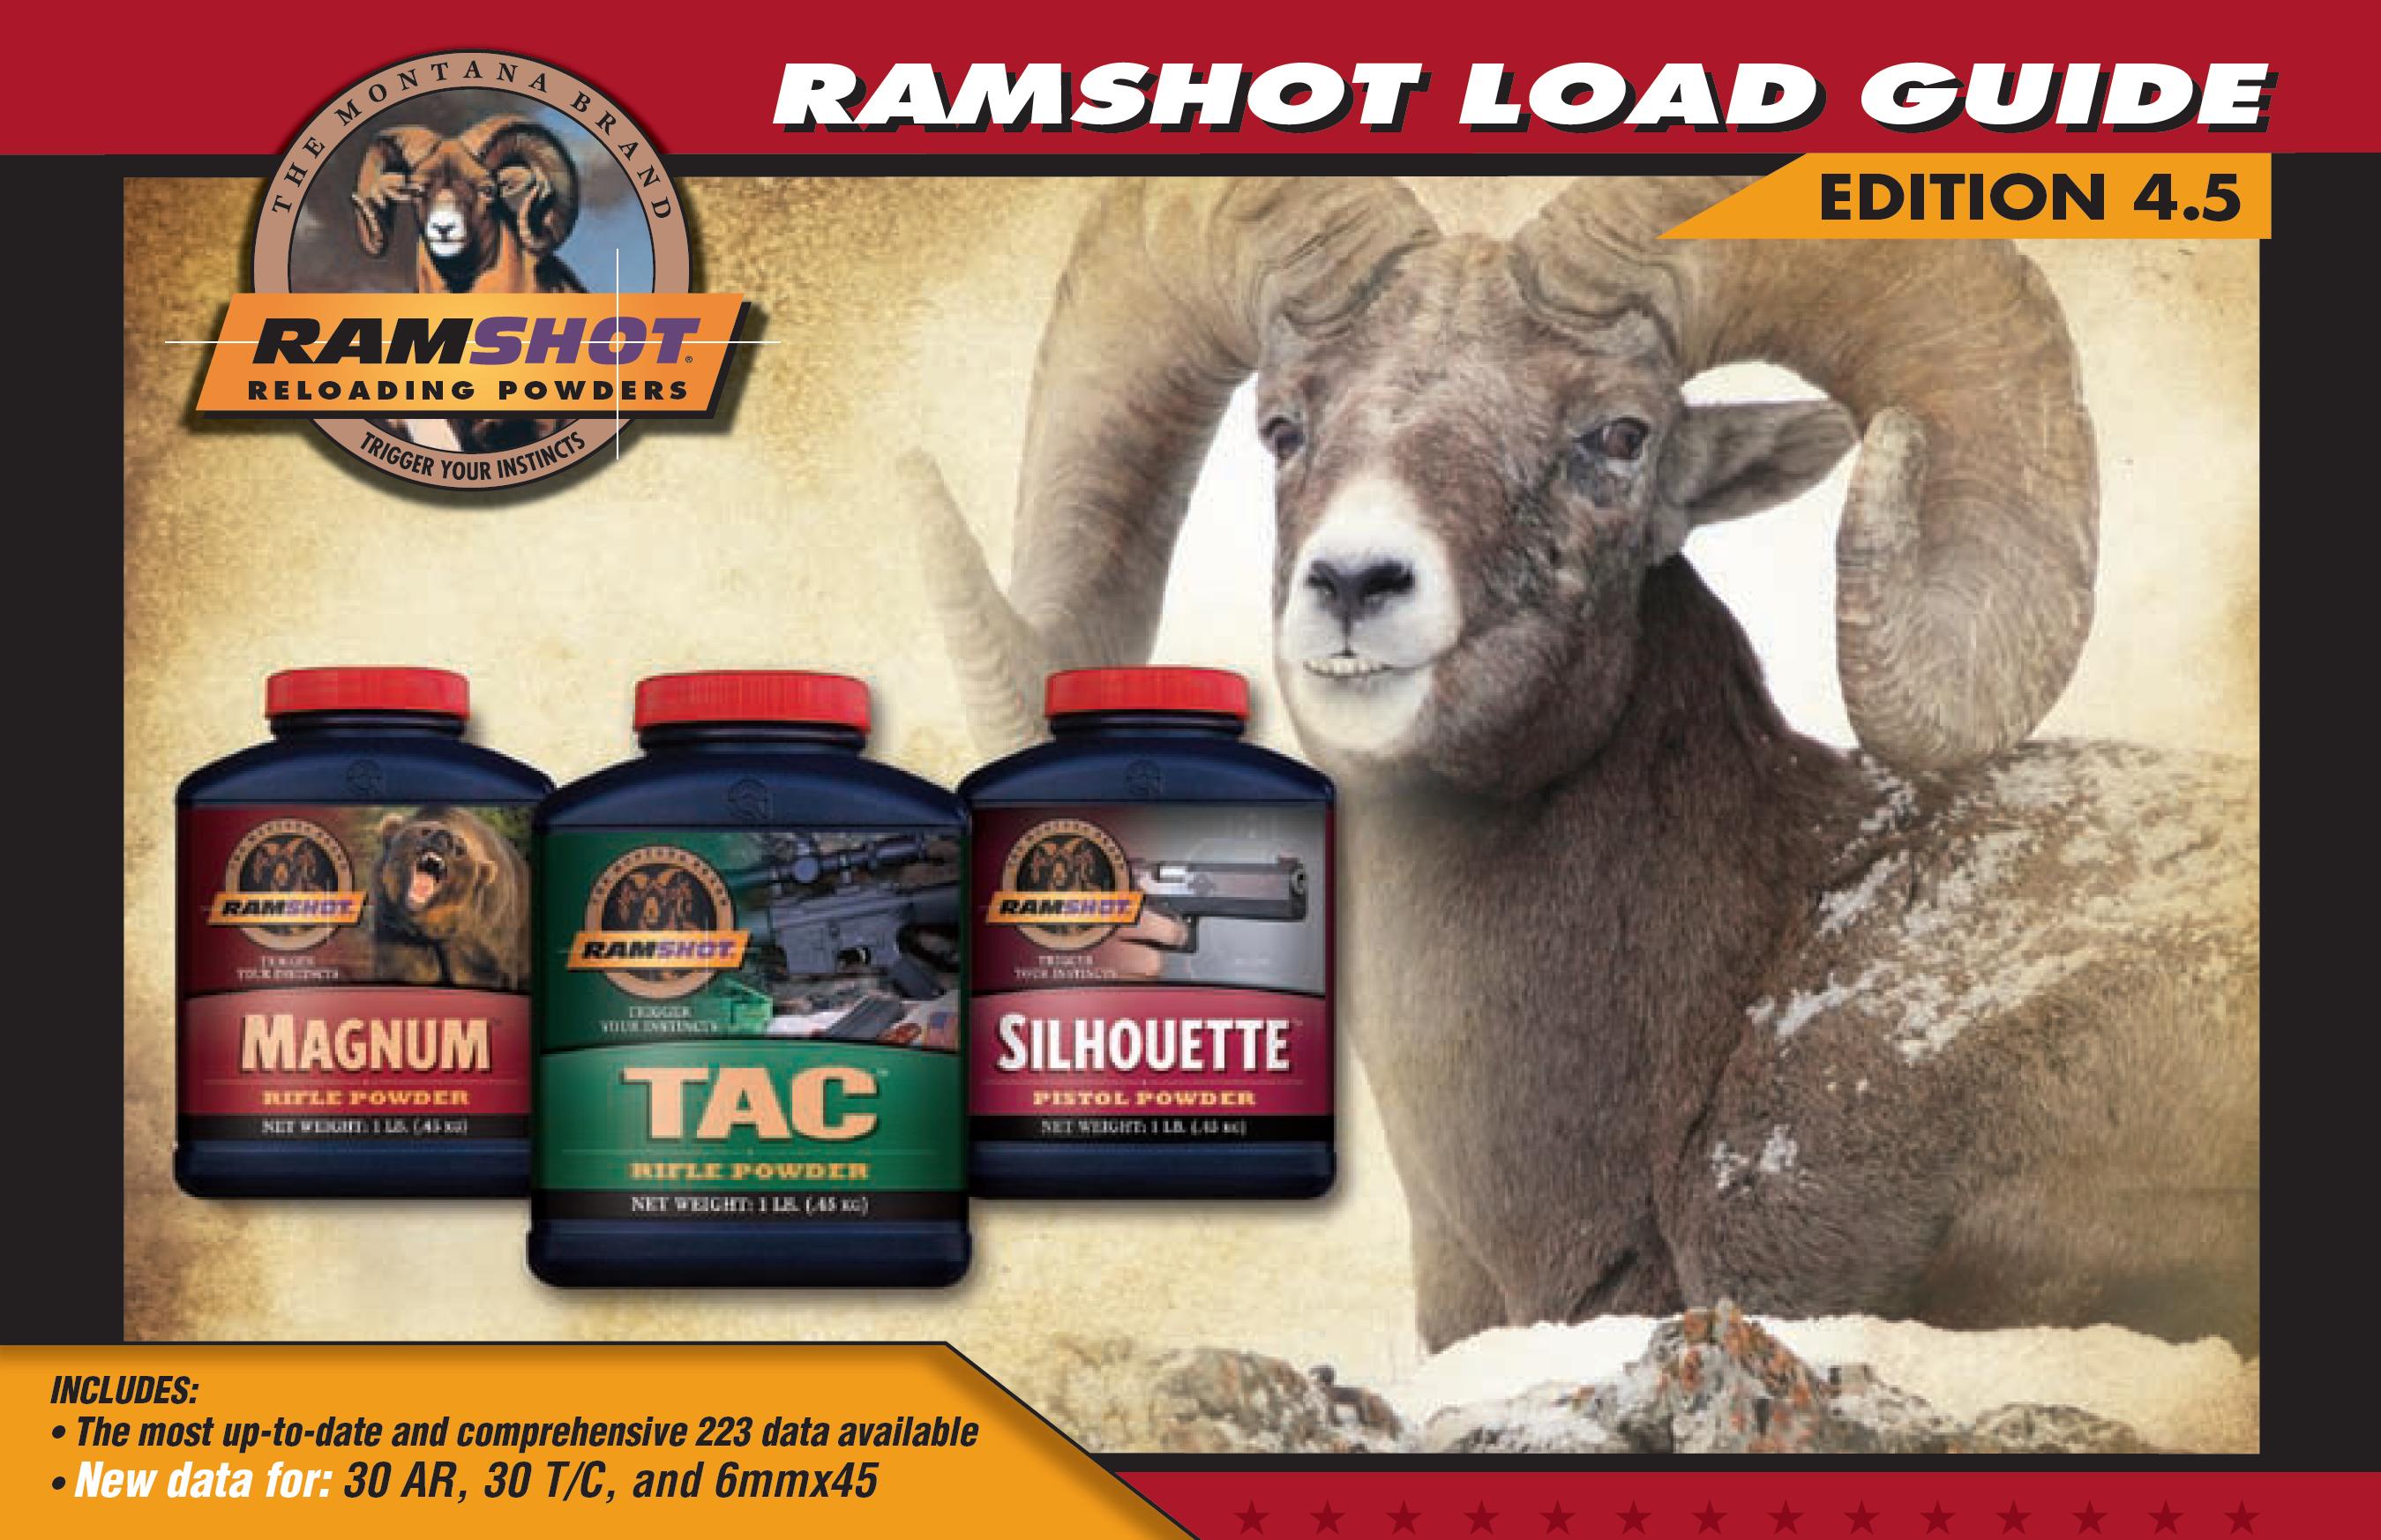 Ramshot Reloading Guide 2015